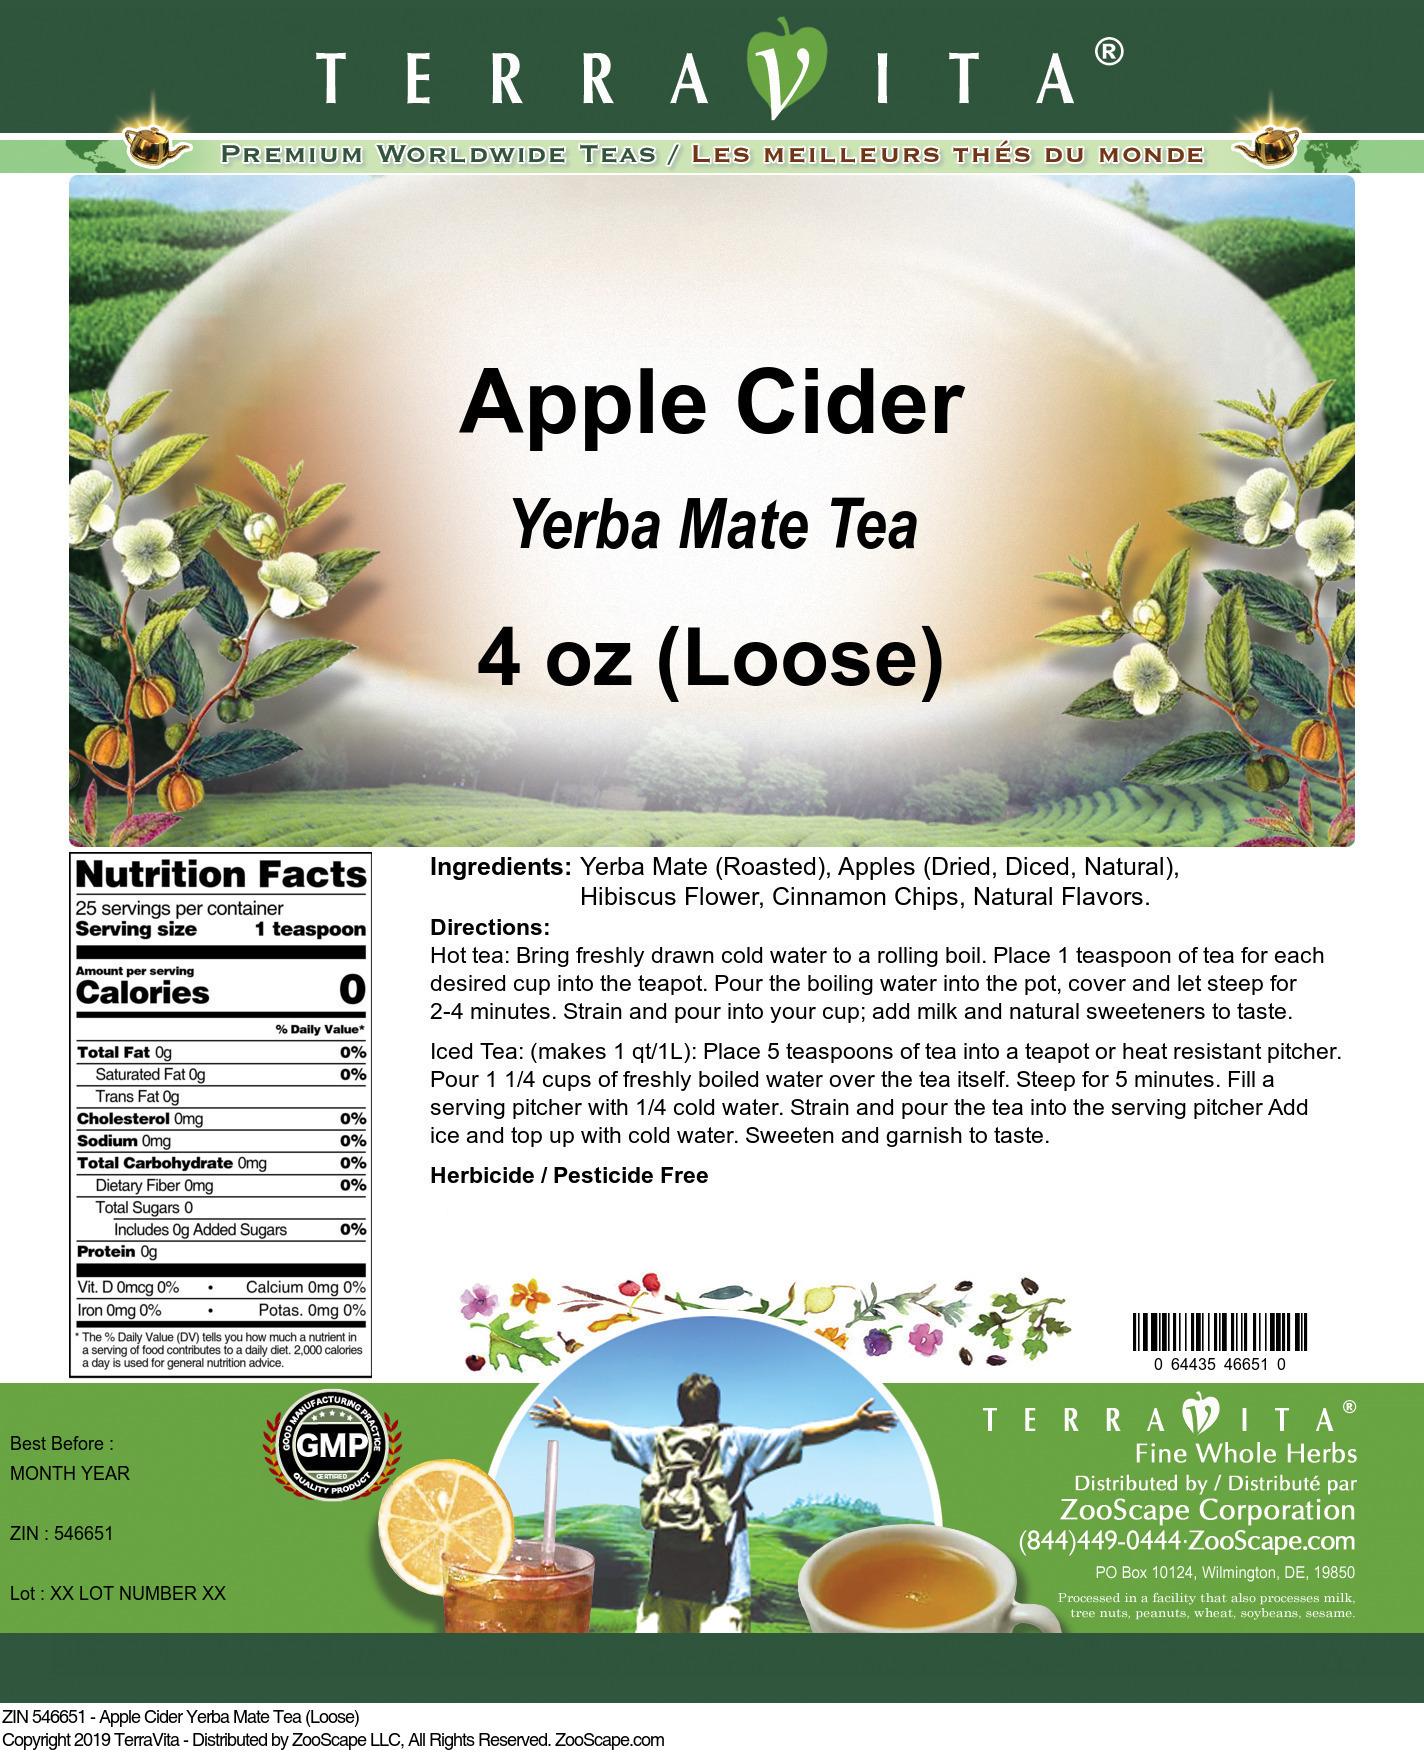 Apple Cider Yerba Mate Tea (Loose)